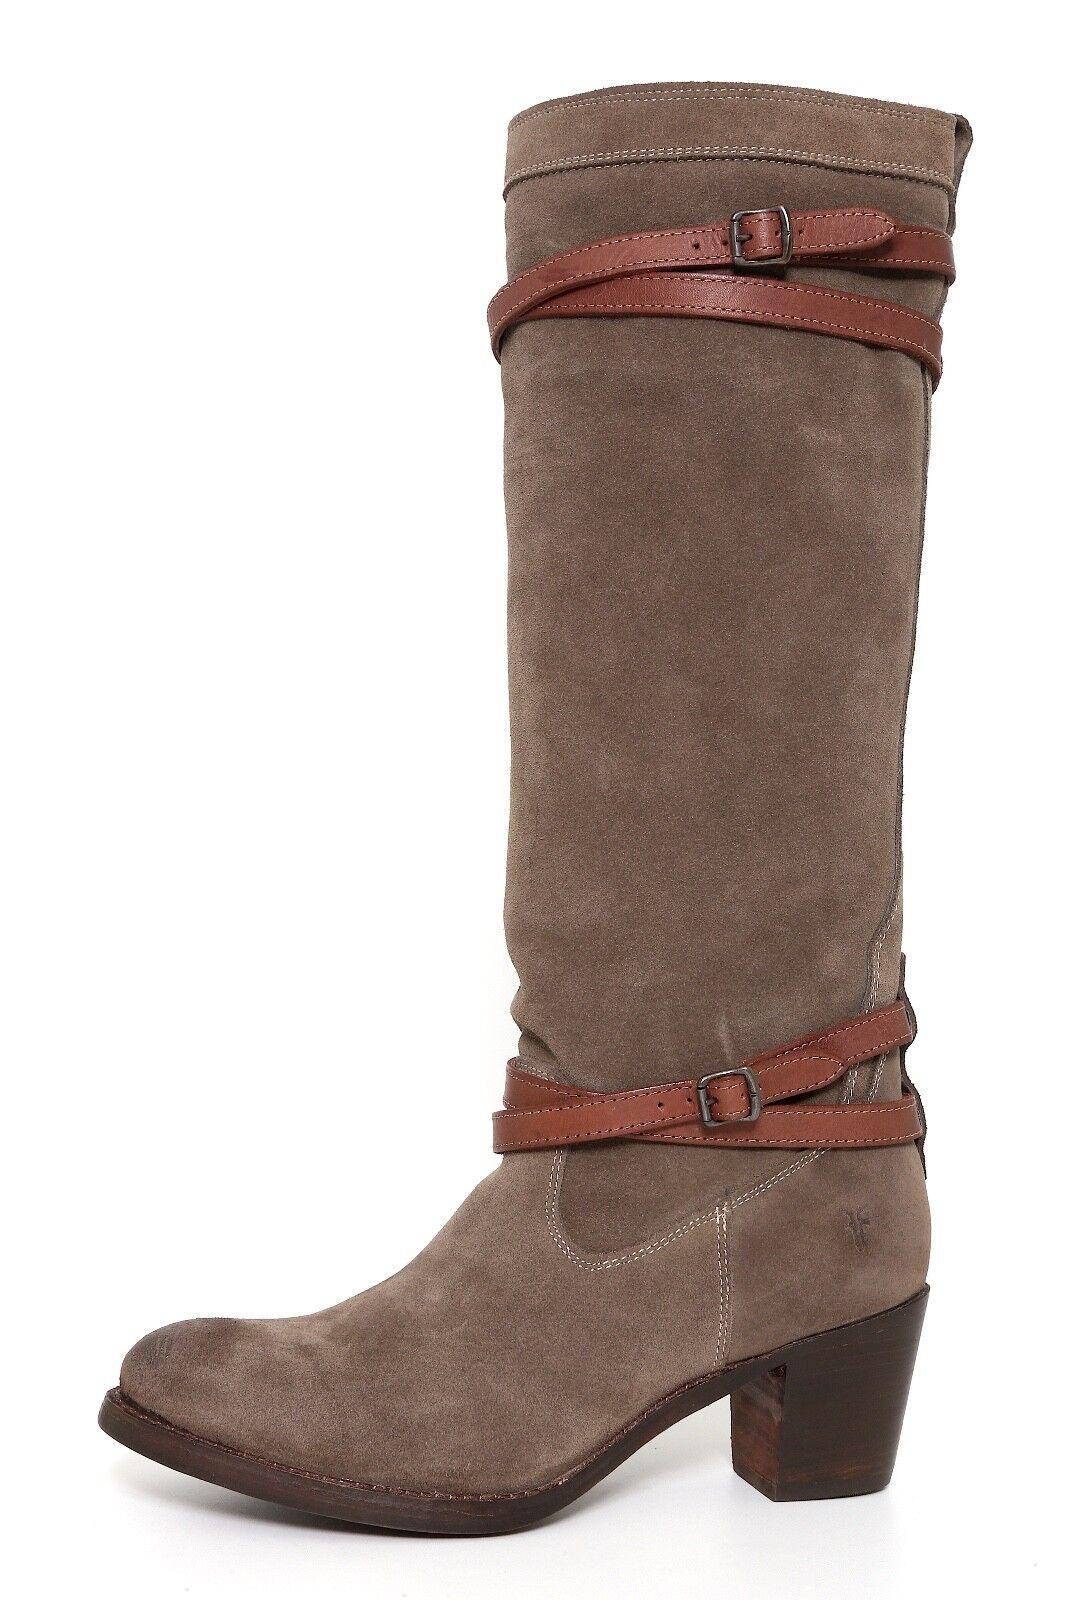 economico in alta qualità Frye Donna  Fatigue Suede Jane Strappy stivali stivali stivali 6431 Dimensione 11B  designer online